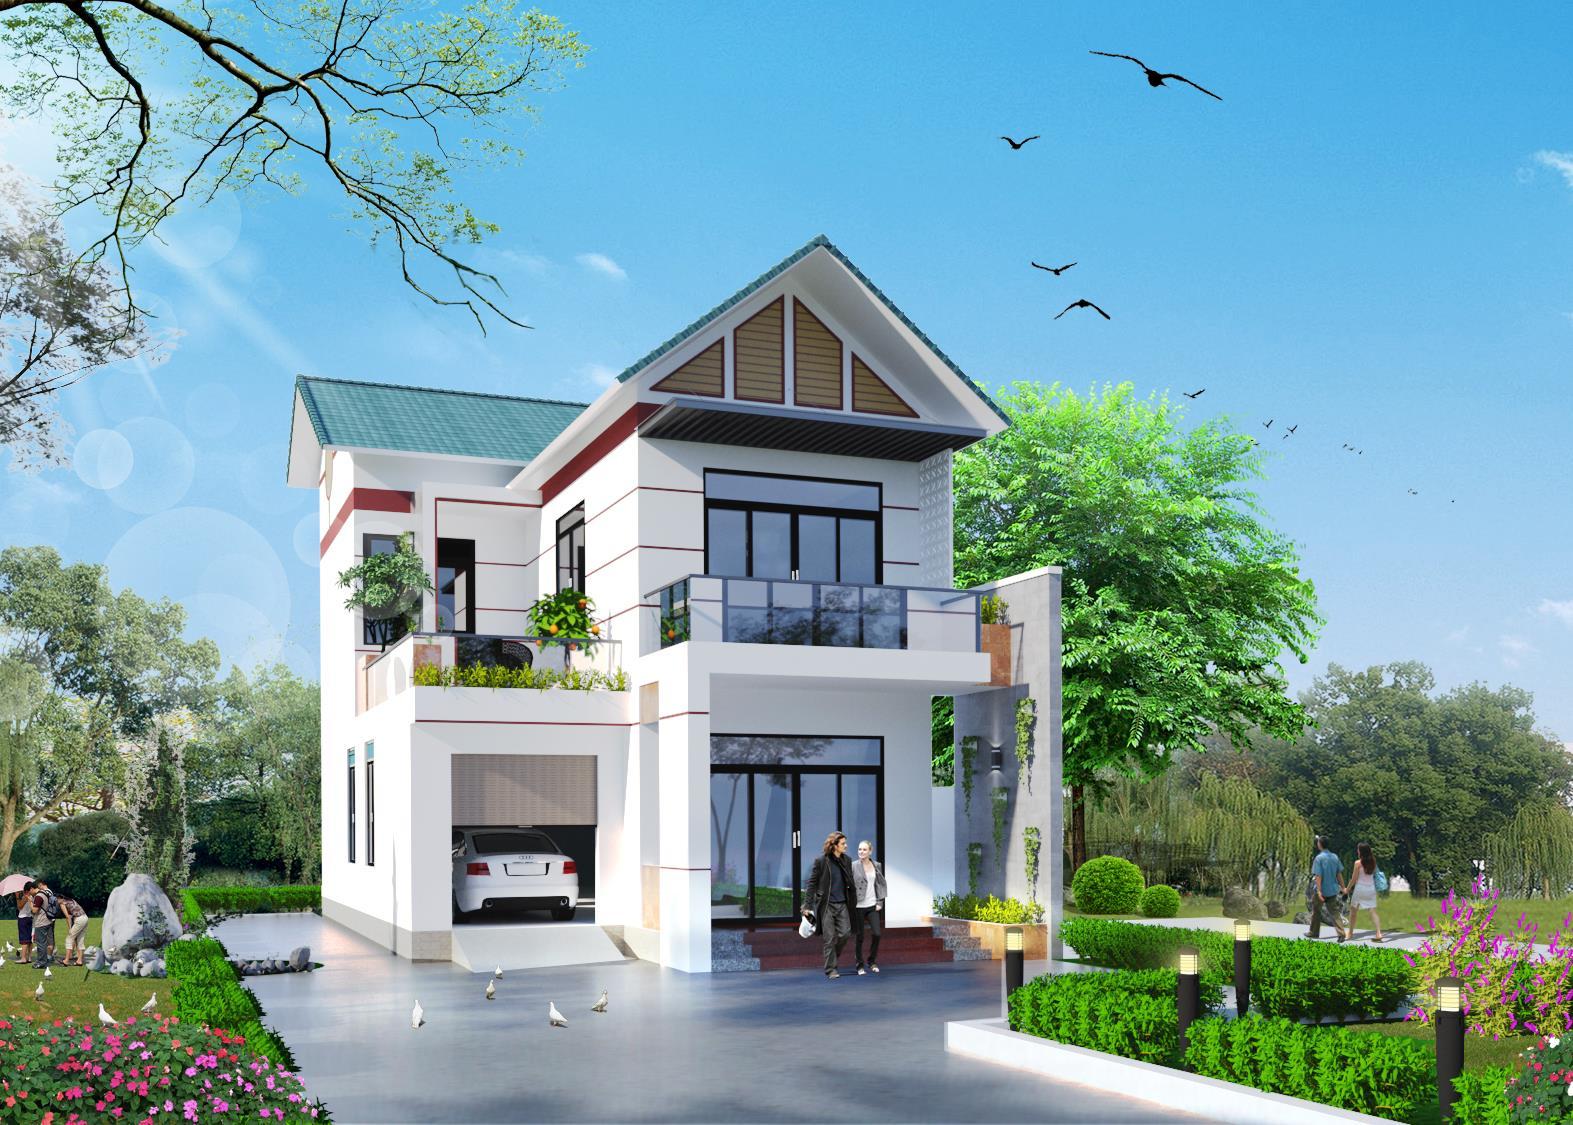 Mẫu nhà 2 tầng mái thái đẹp 8x14m